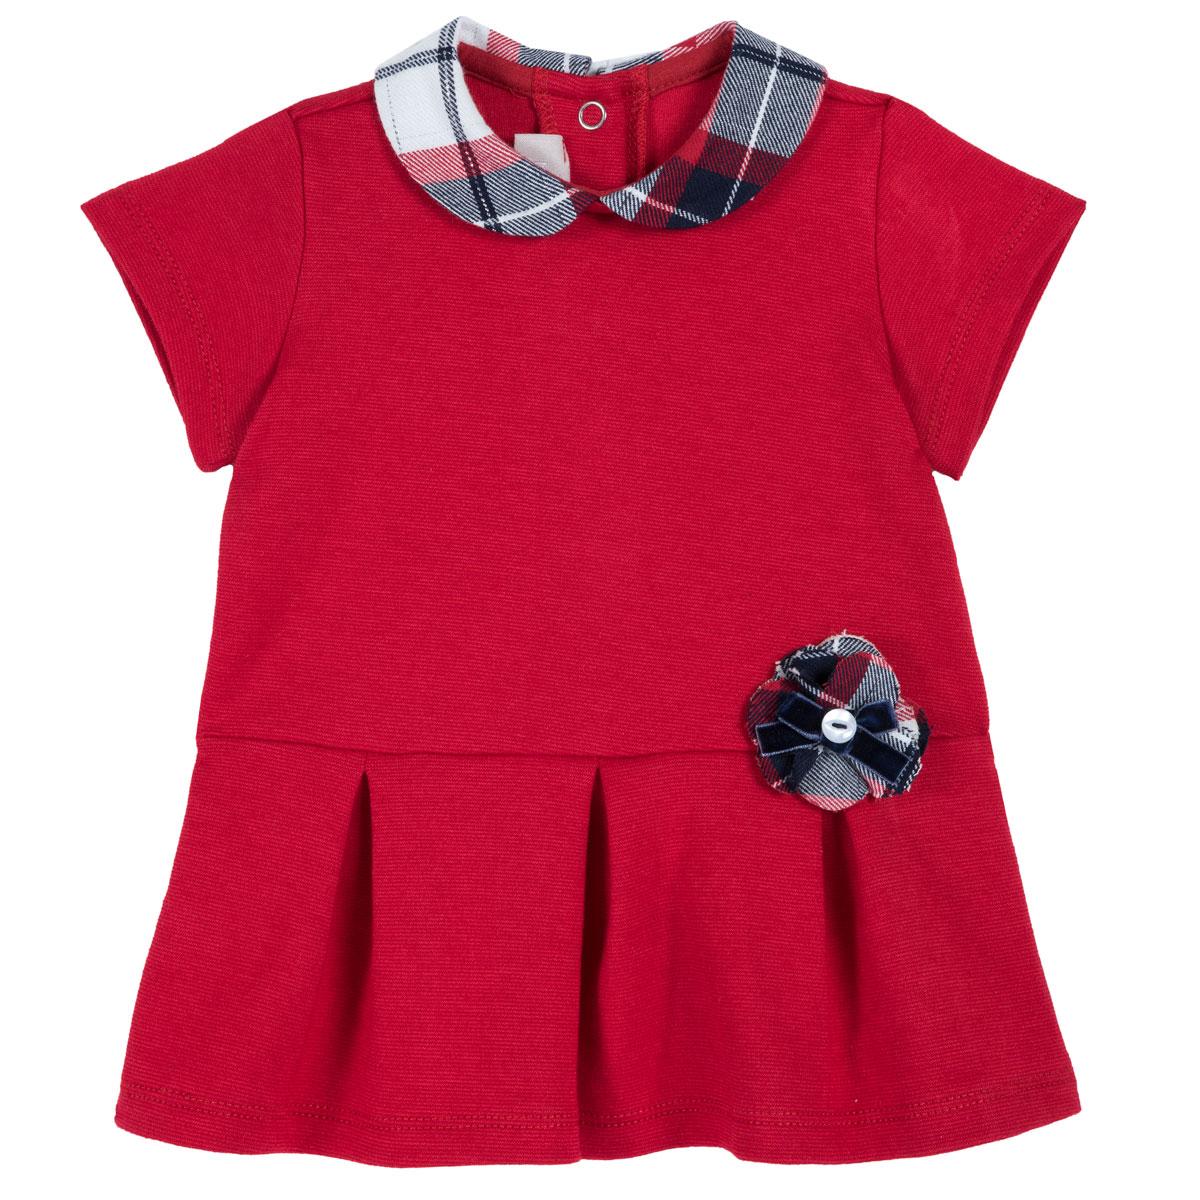 Rochie copii Chicco, maneci scurte, rosu, 03526 din categoria Rochii, Fuste